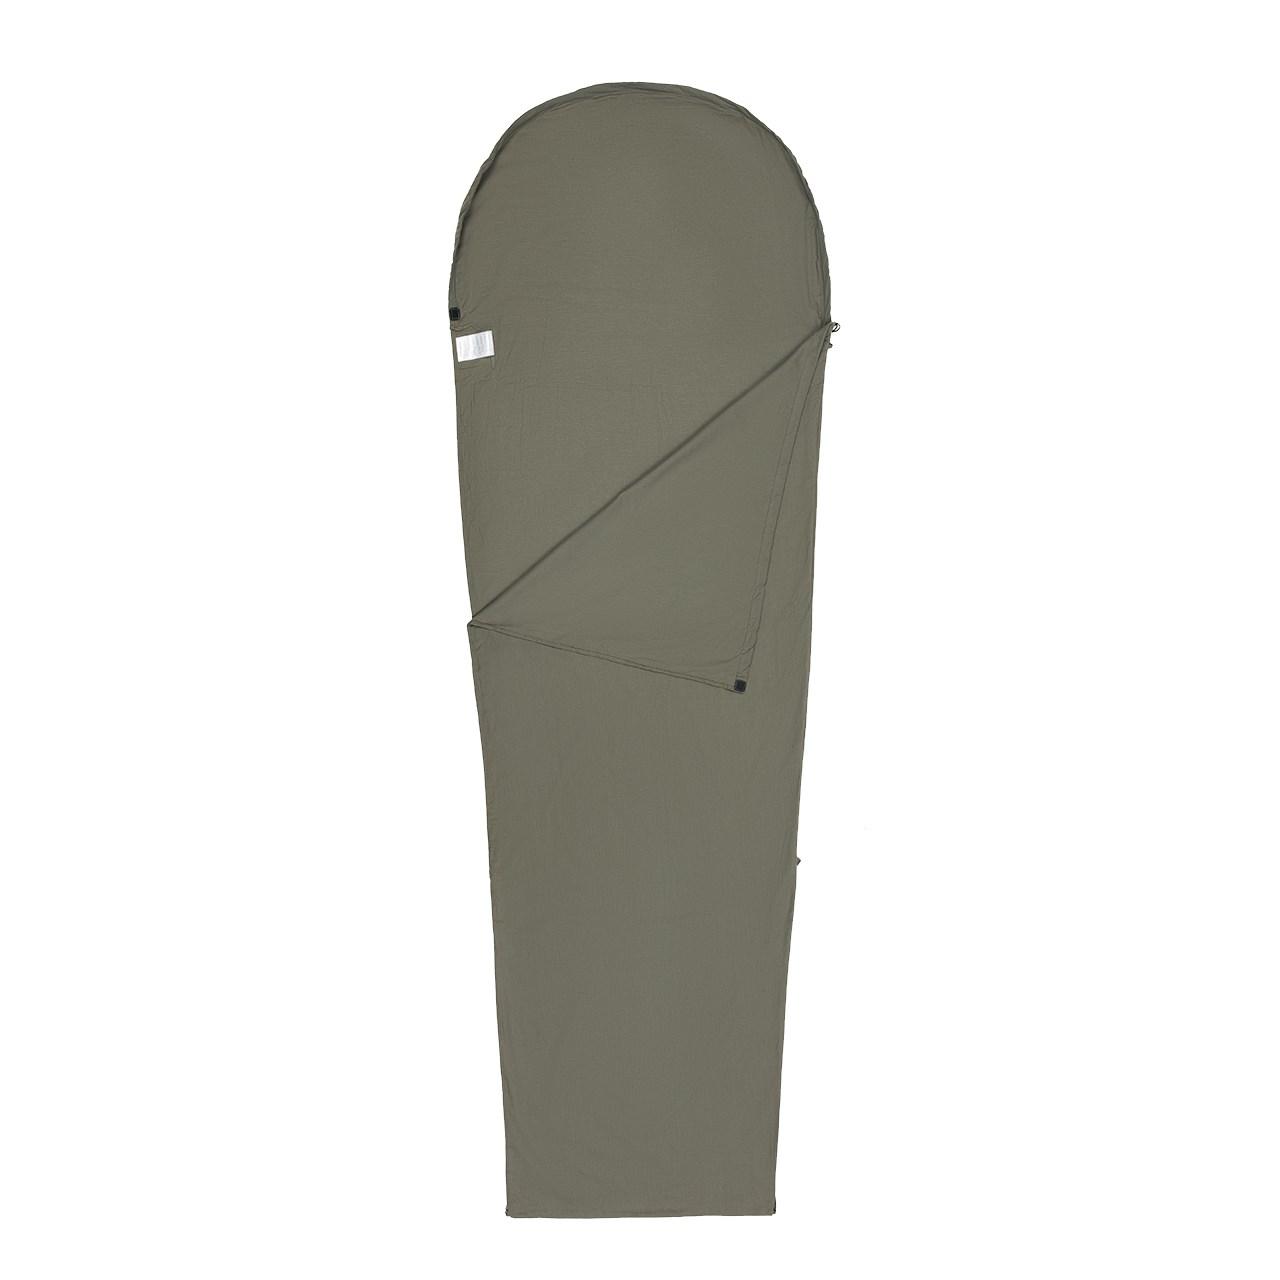 آستر کیسه خواب کینگ کمپ مدل KA5207